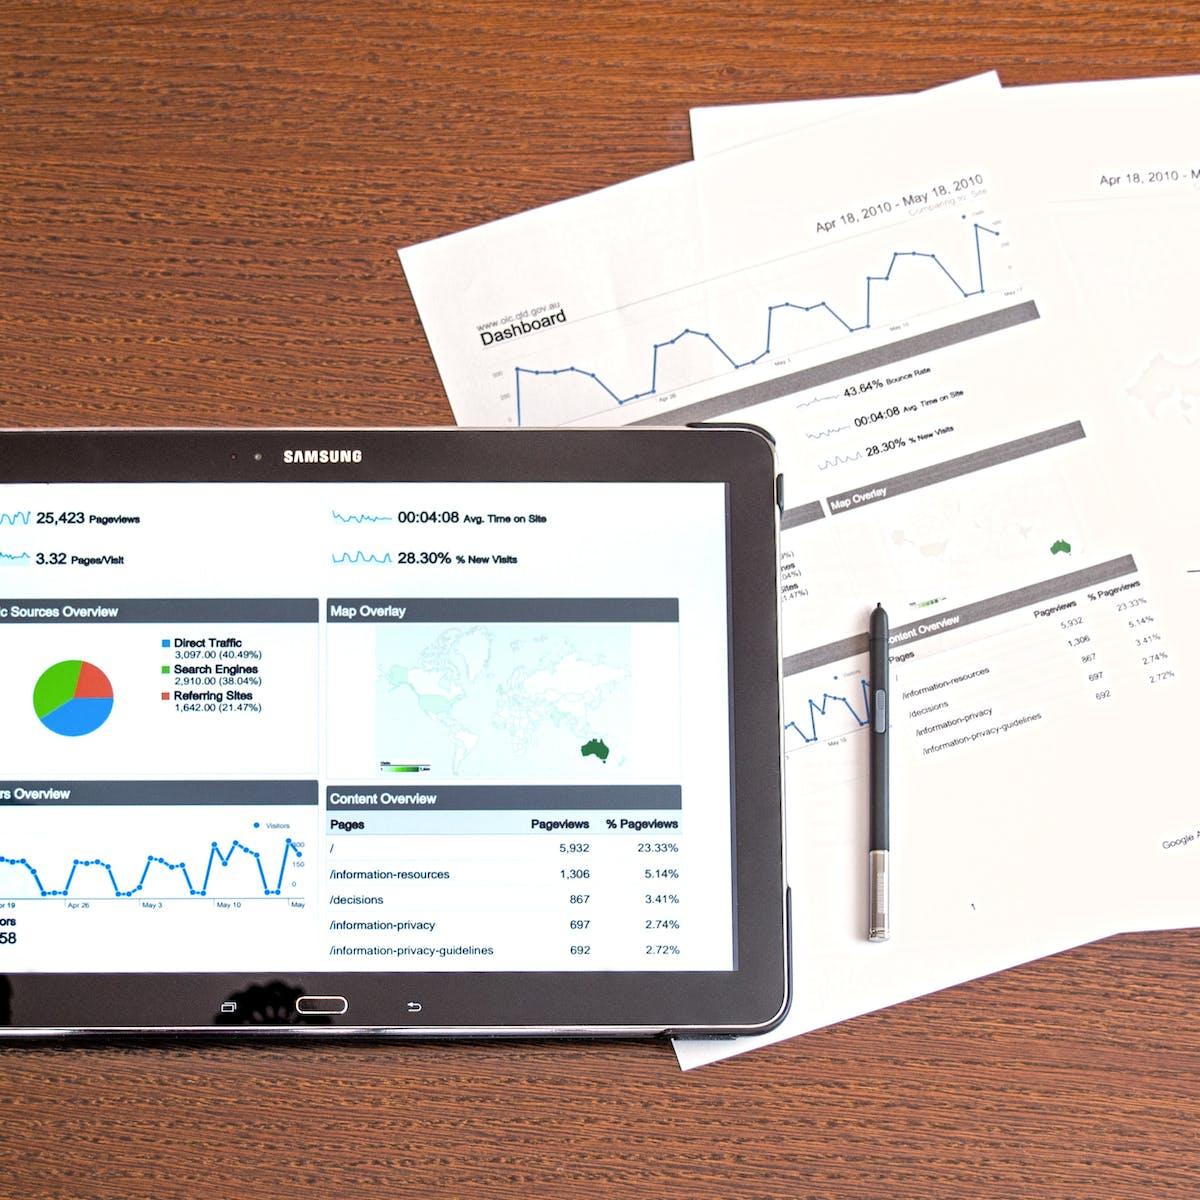 Titelbild-Digitalisierung-Wettbewerbsdruck-Wettbewerb-Tablet-Analyse-Zahlen-pixabay-1263422-PhotoMIX-Company